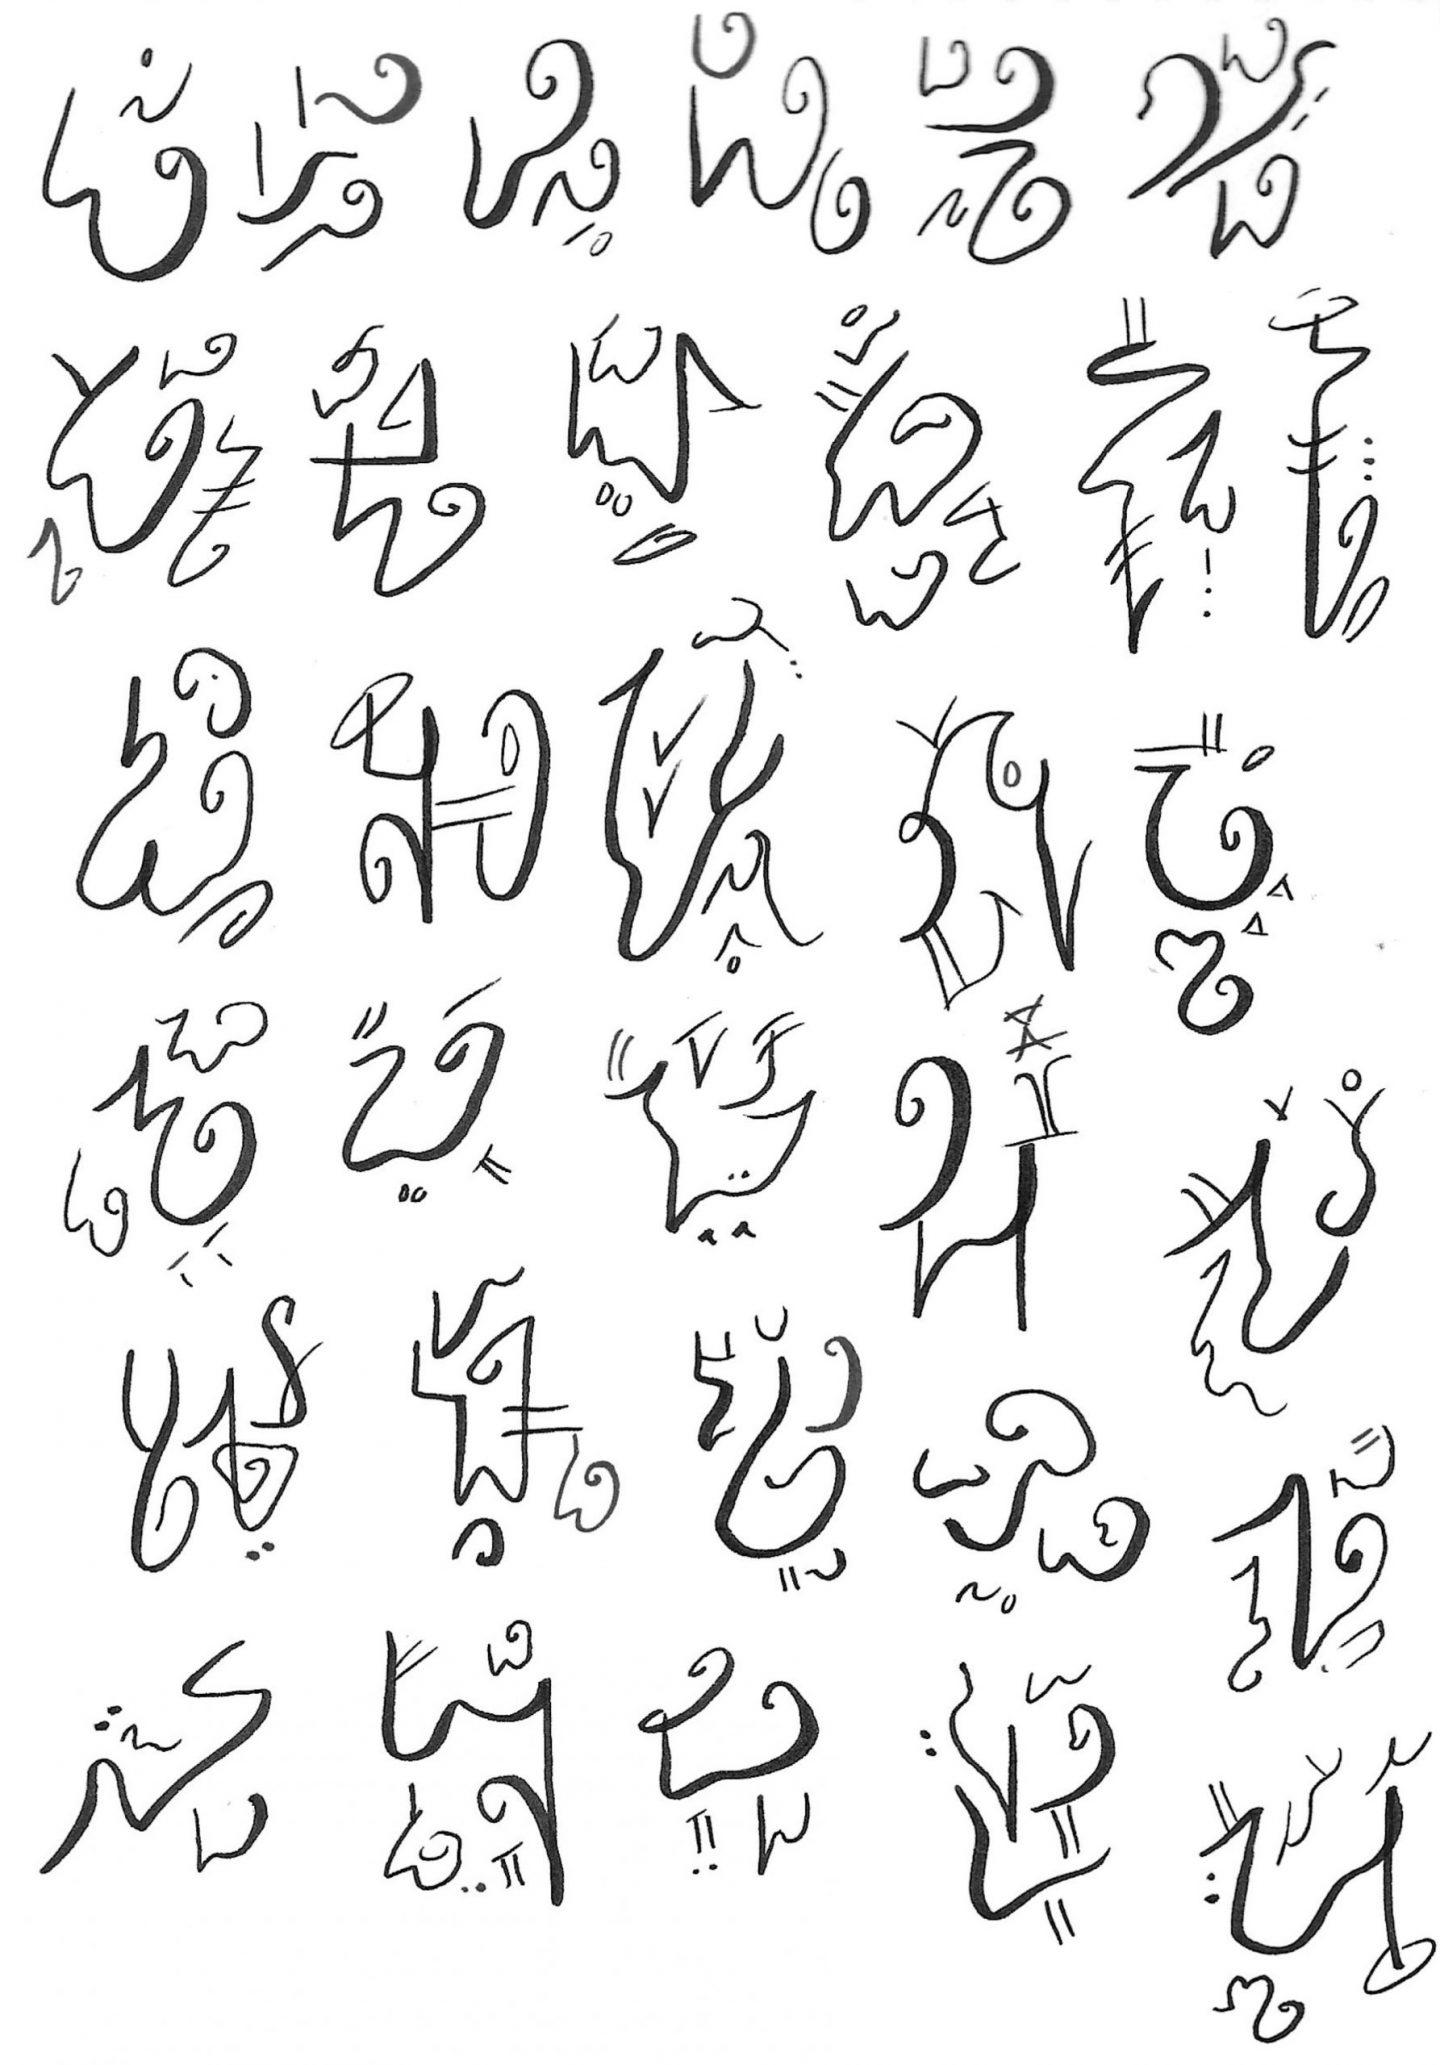 automatic asemic writing